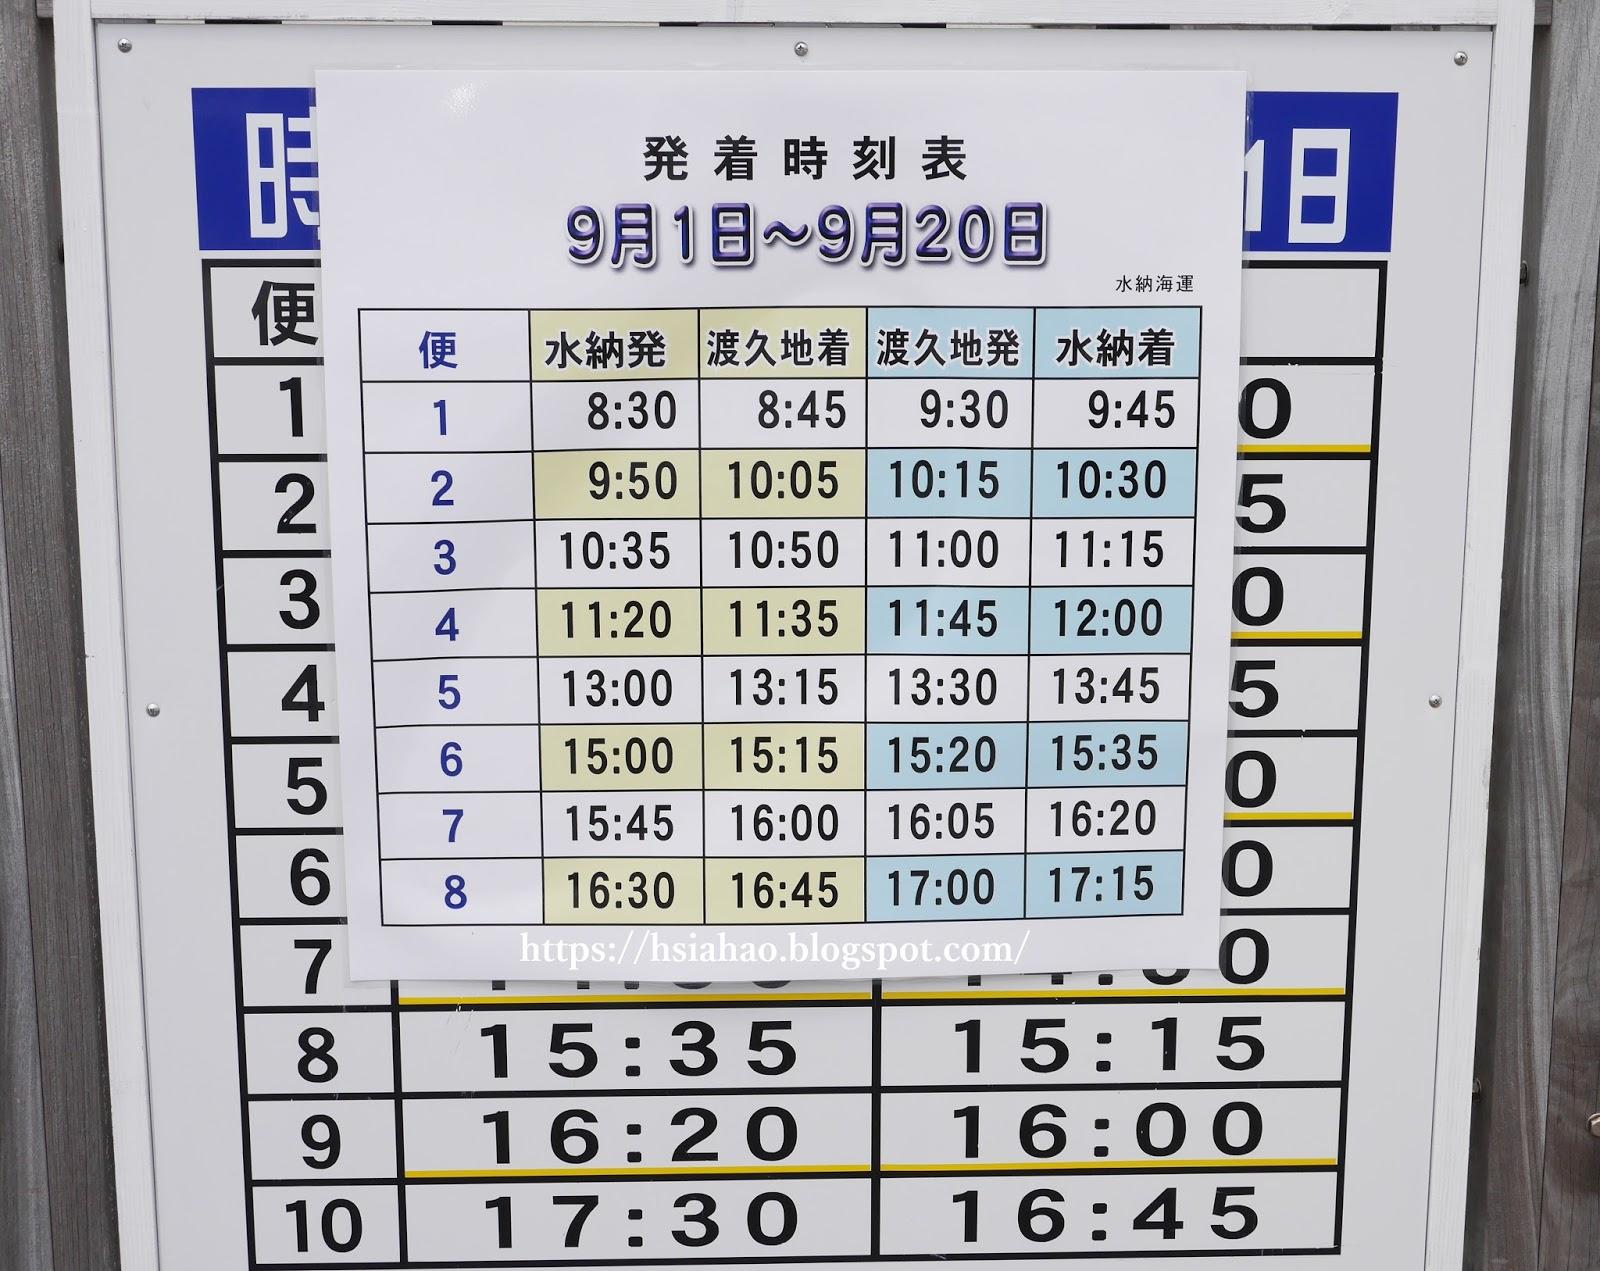 沖繩-景點-水納島-渡輪-ferry-時刻表-timetable-水納海灘-水納ビーチ-Minna-Beach-推薦-自由行-旅遊-Okinawa